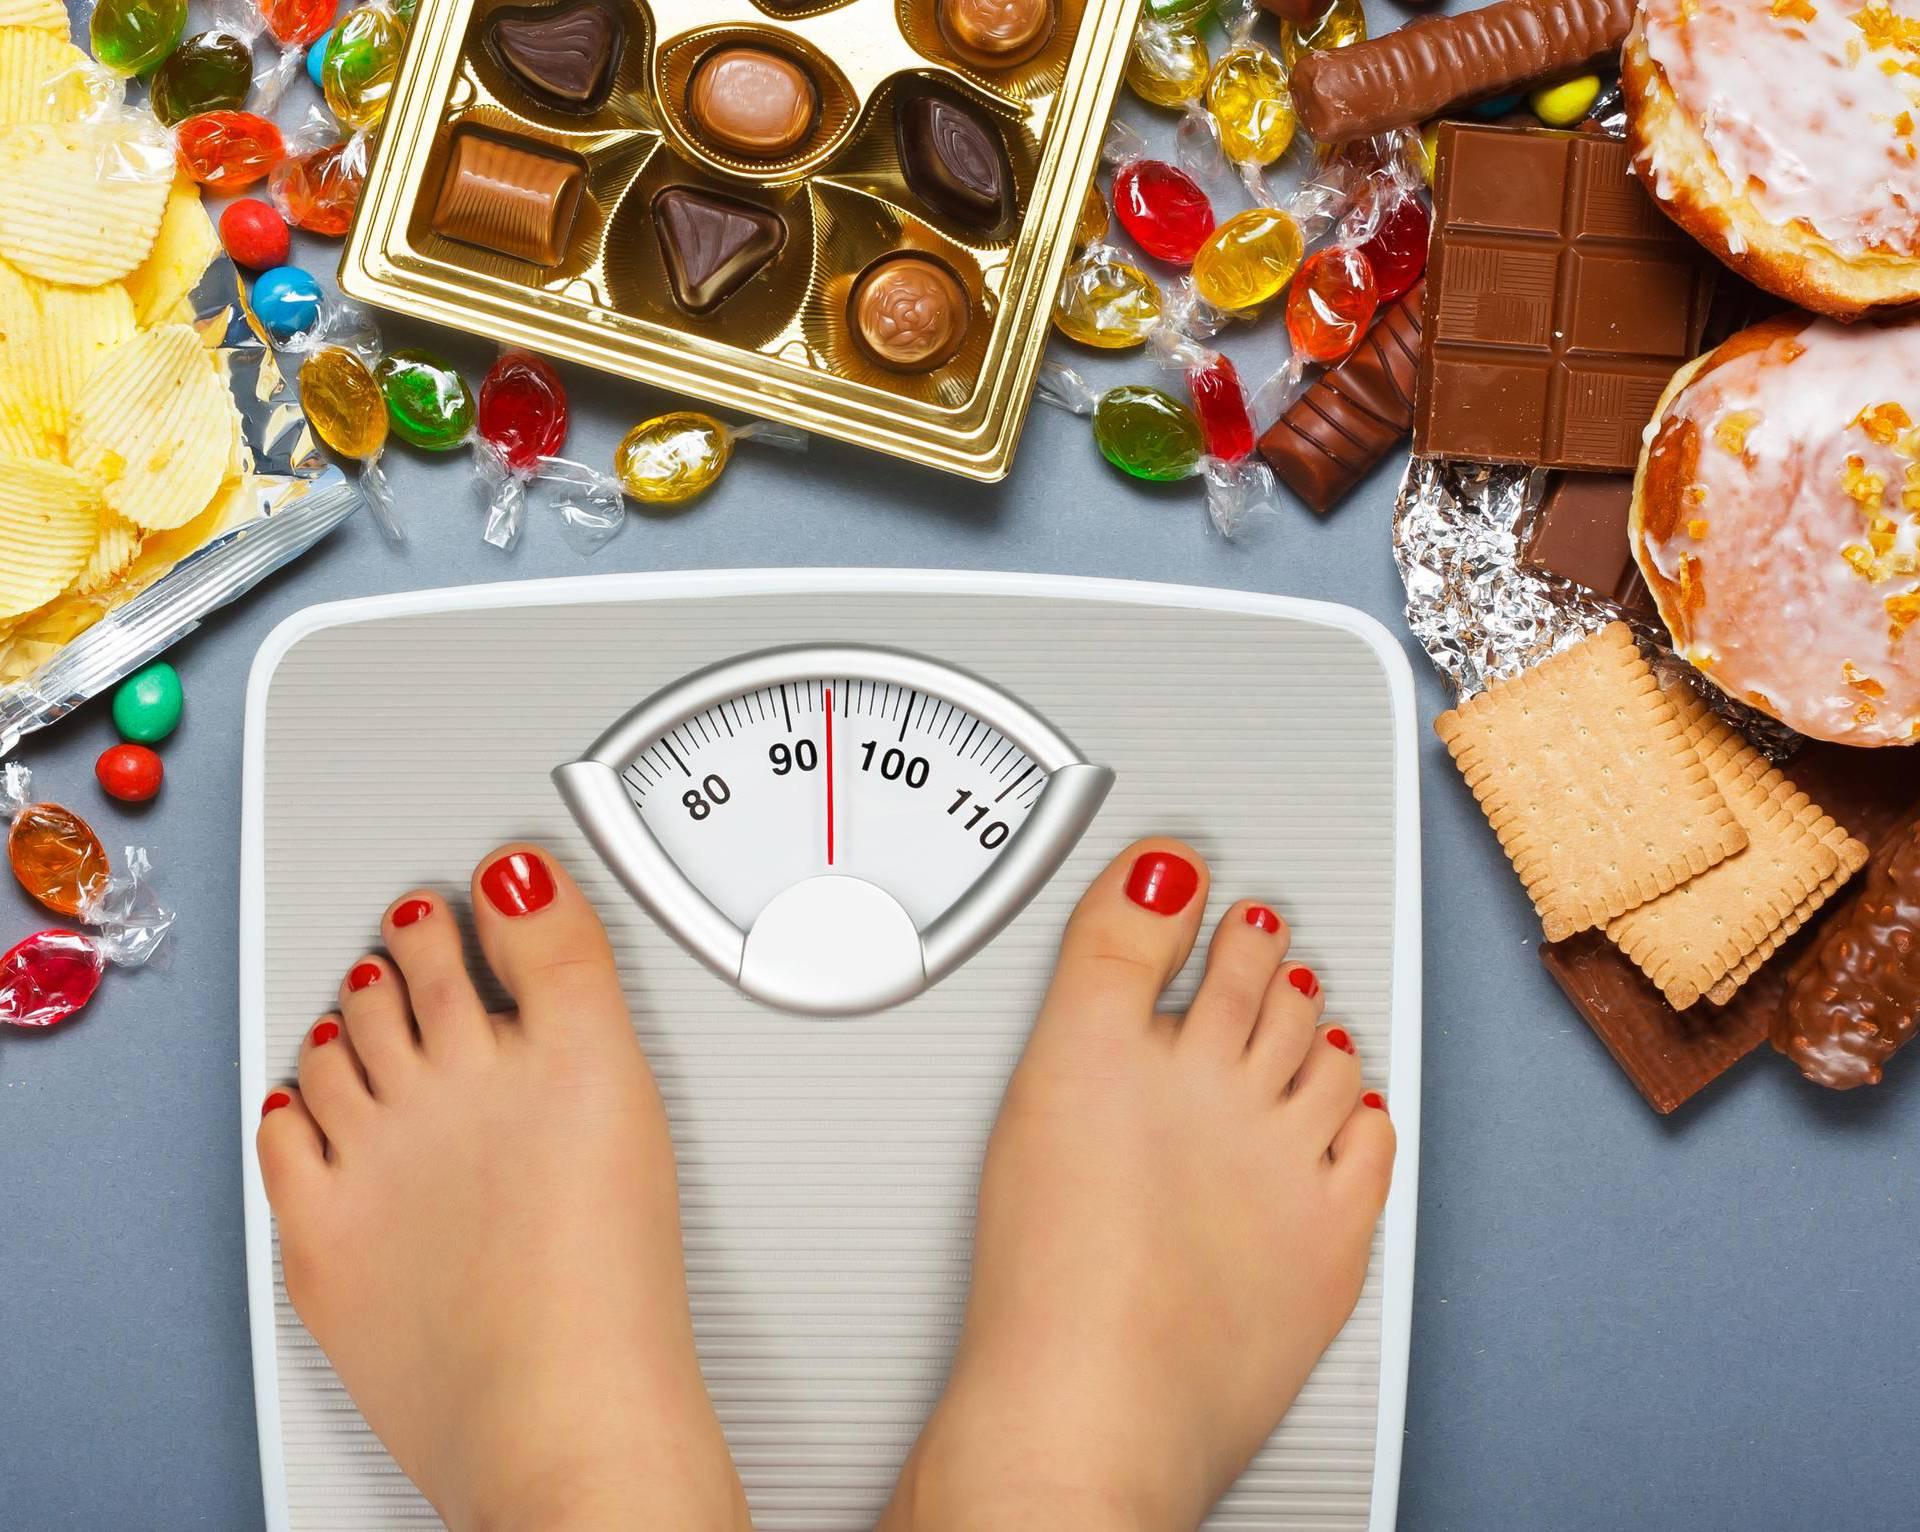 Ova hrana je dobra za skidanje kilograma - ali, ne pretjerujte!